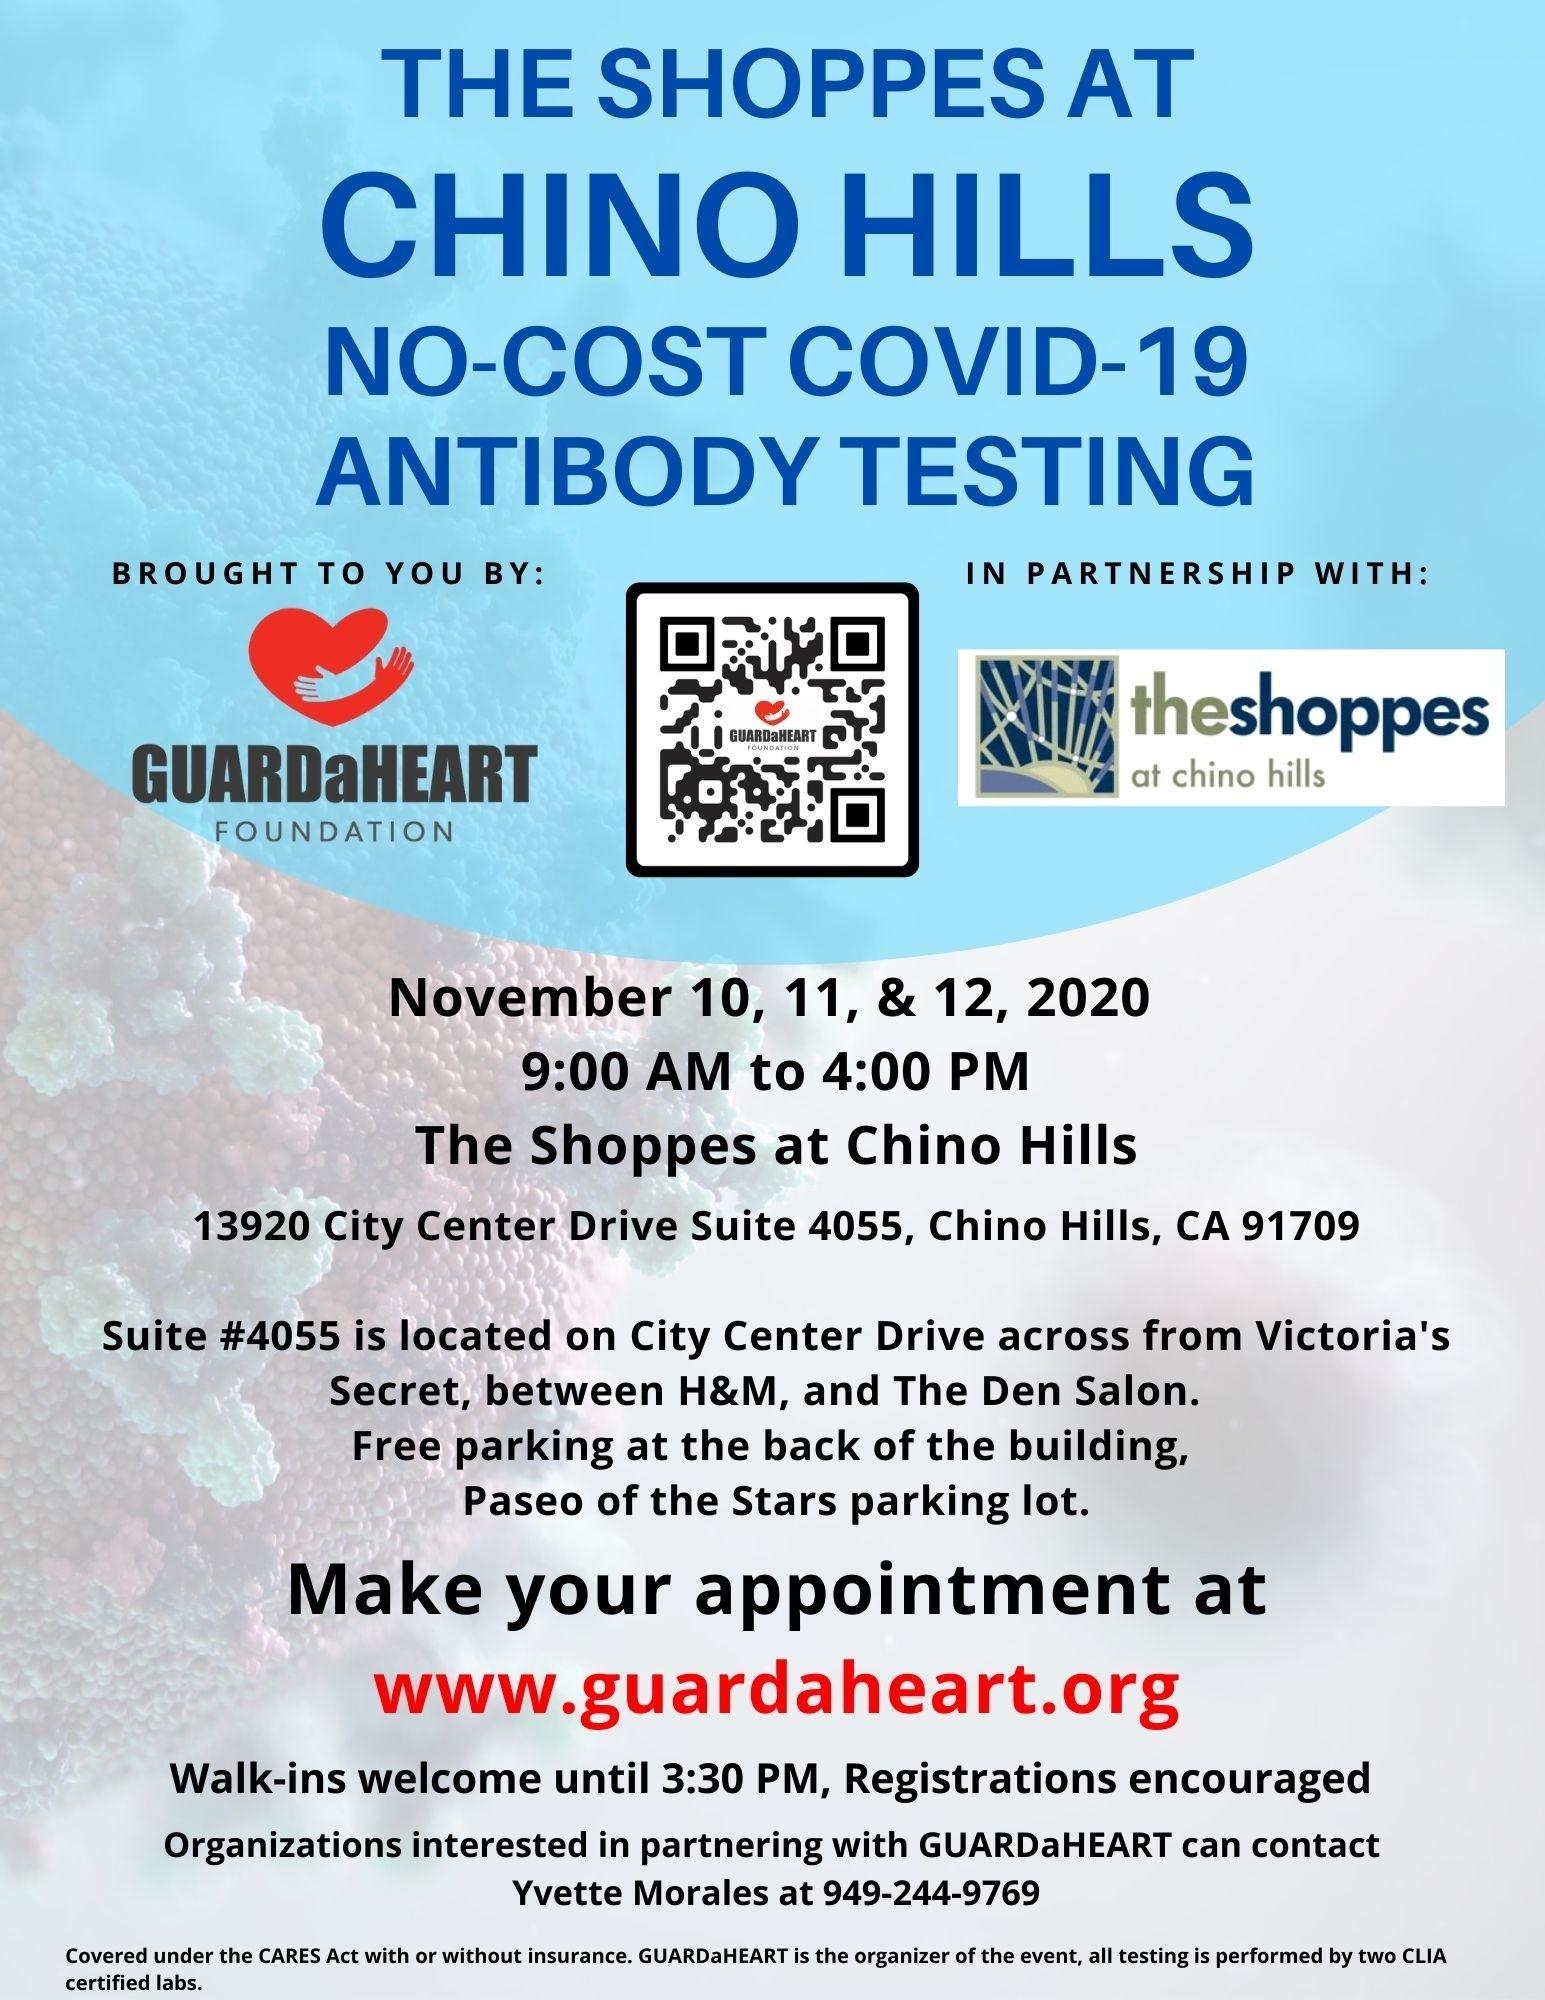 The Shoppes at Chino Hills - GAH No Cost COVID-19 Antibody Testing Nov 10-12, 2020 --